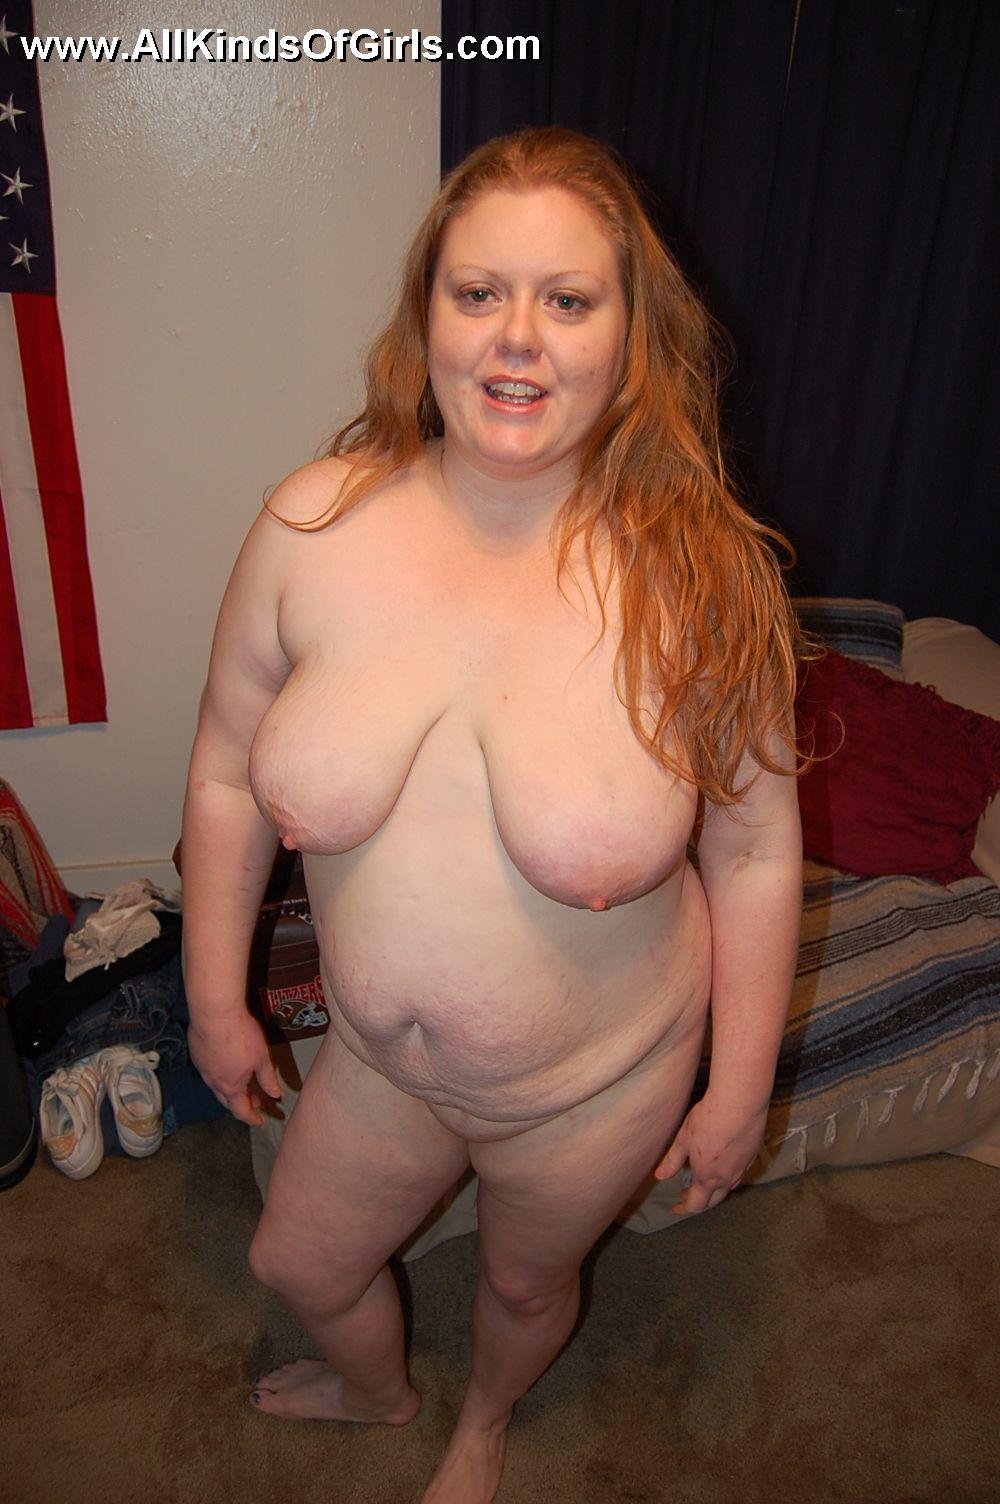 Porno foto alana de la garza